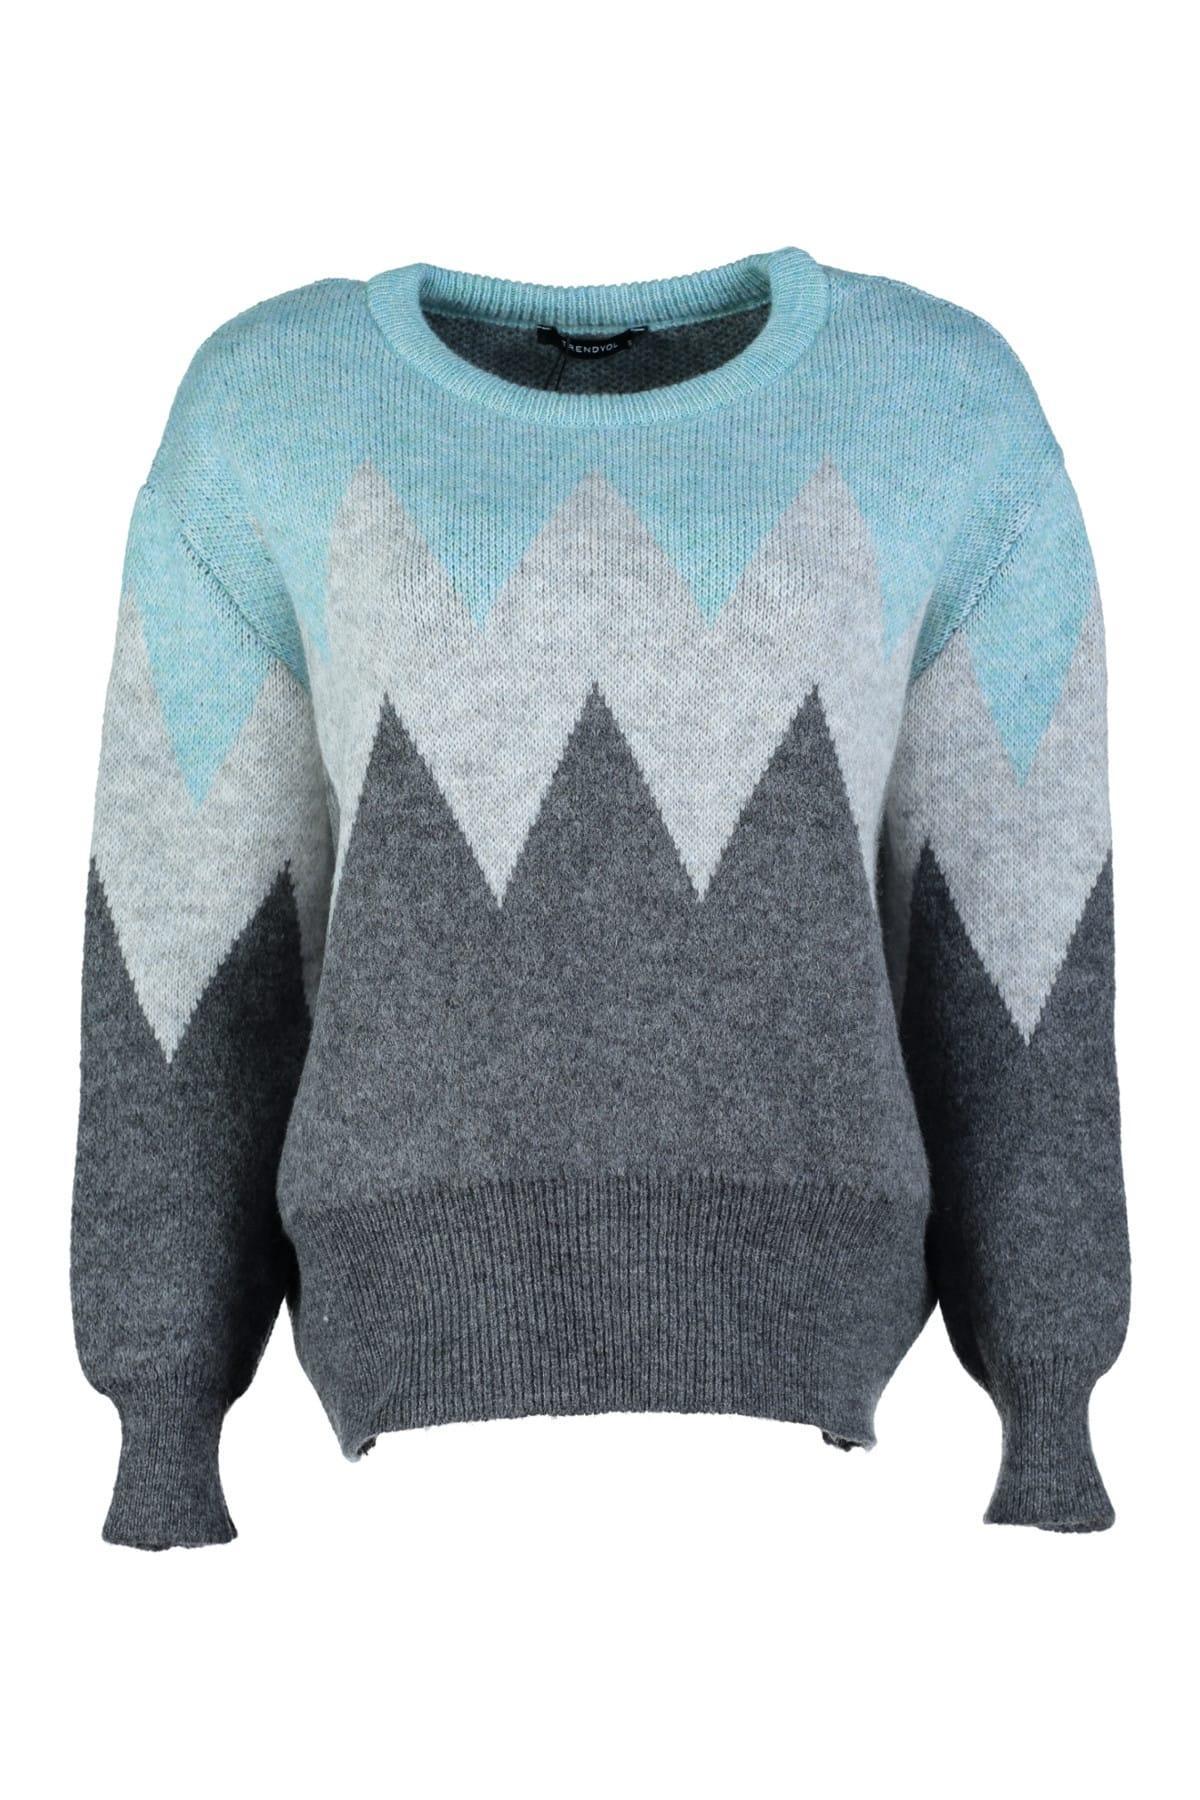 Trendyol WOMEN-Mint Colorblock Sweater Sweater TWOAW20FH0005